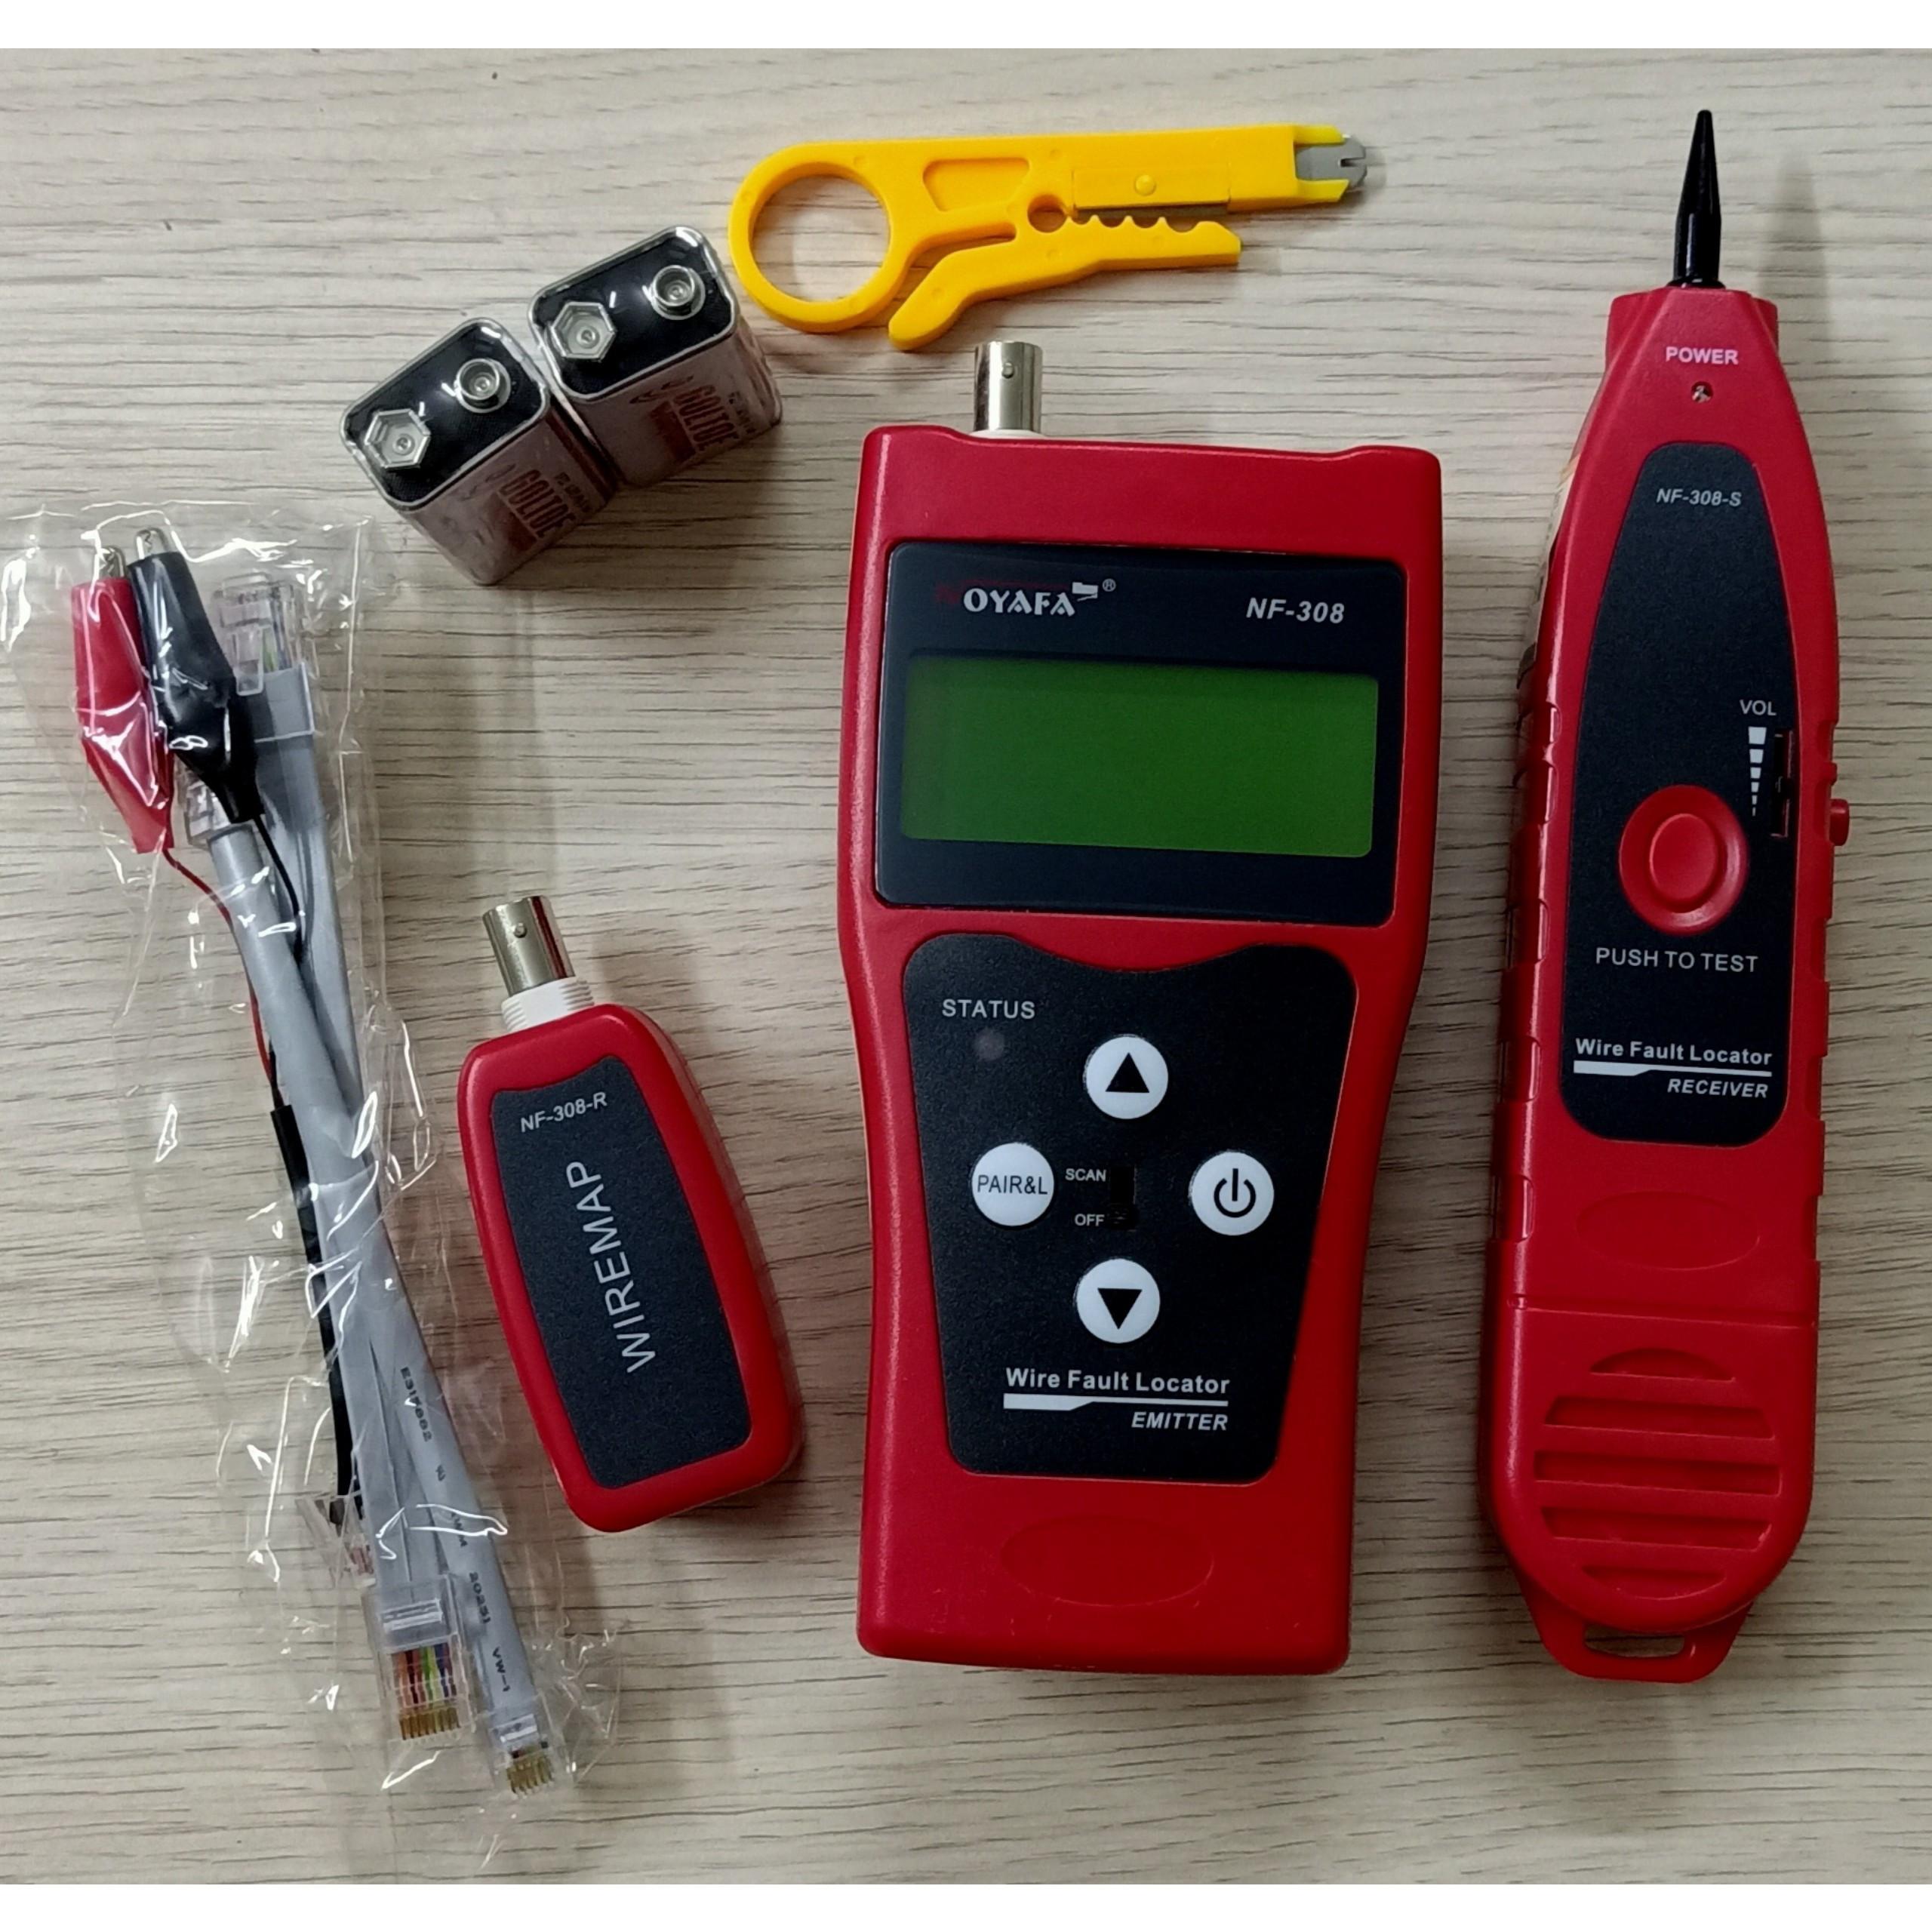 Máy test cáp mạng đa năng NF-308 Noyafa - Hàng nhập khẩu